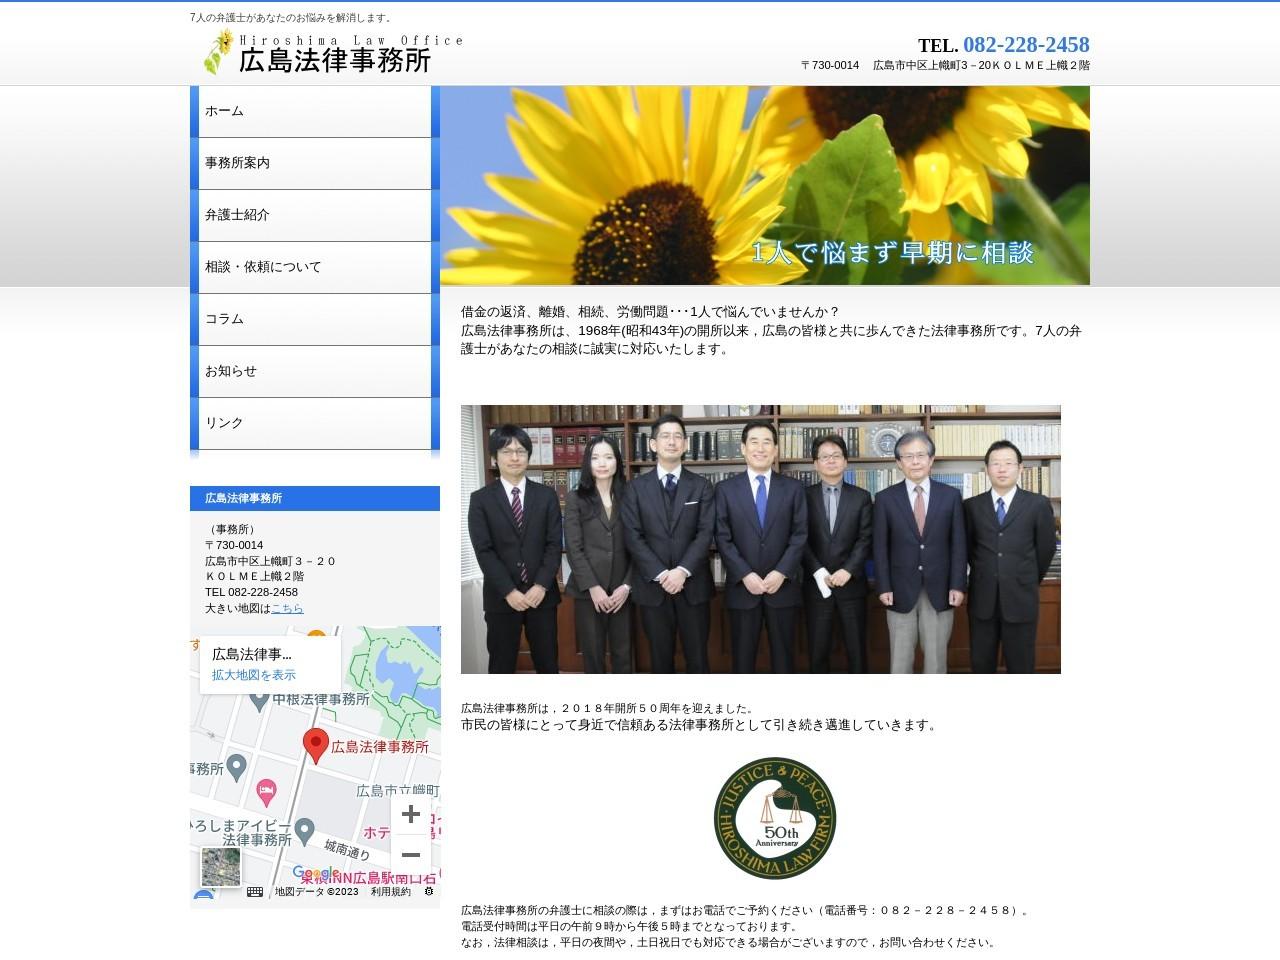 広島法律事務所